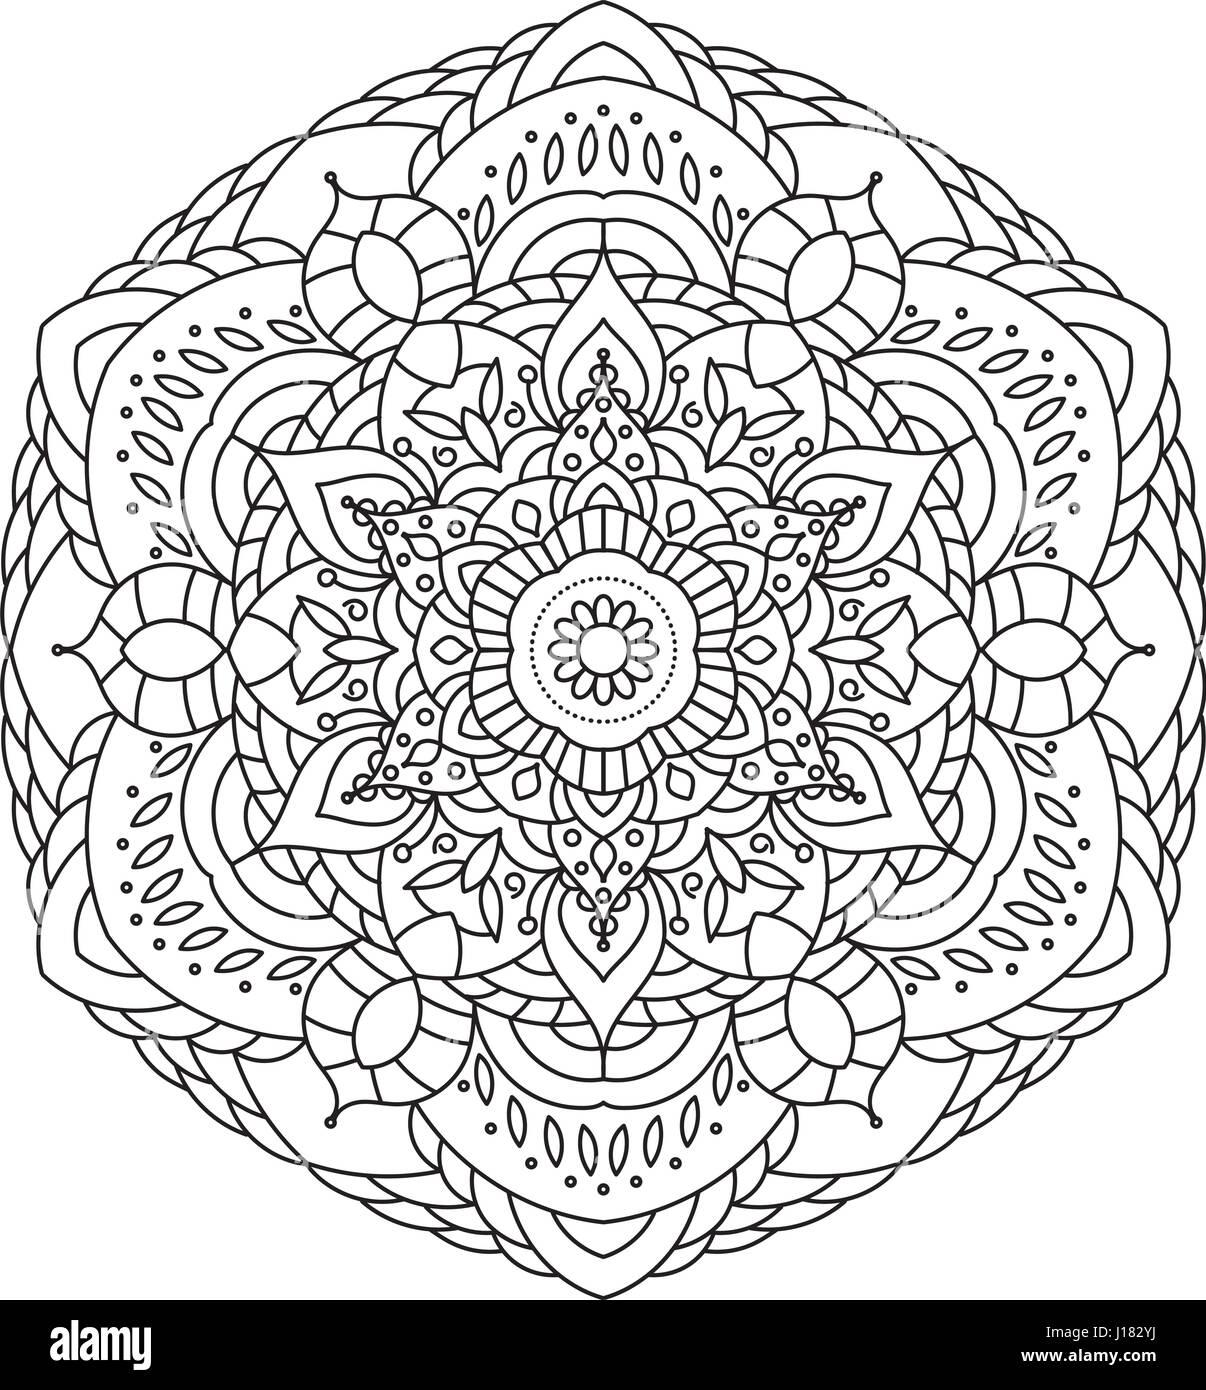 Coloriage Mandala Rond.Livre De Coloriage Mandala Circle Lace Ornement Ornementales